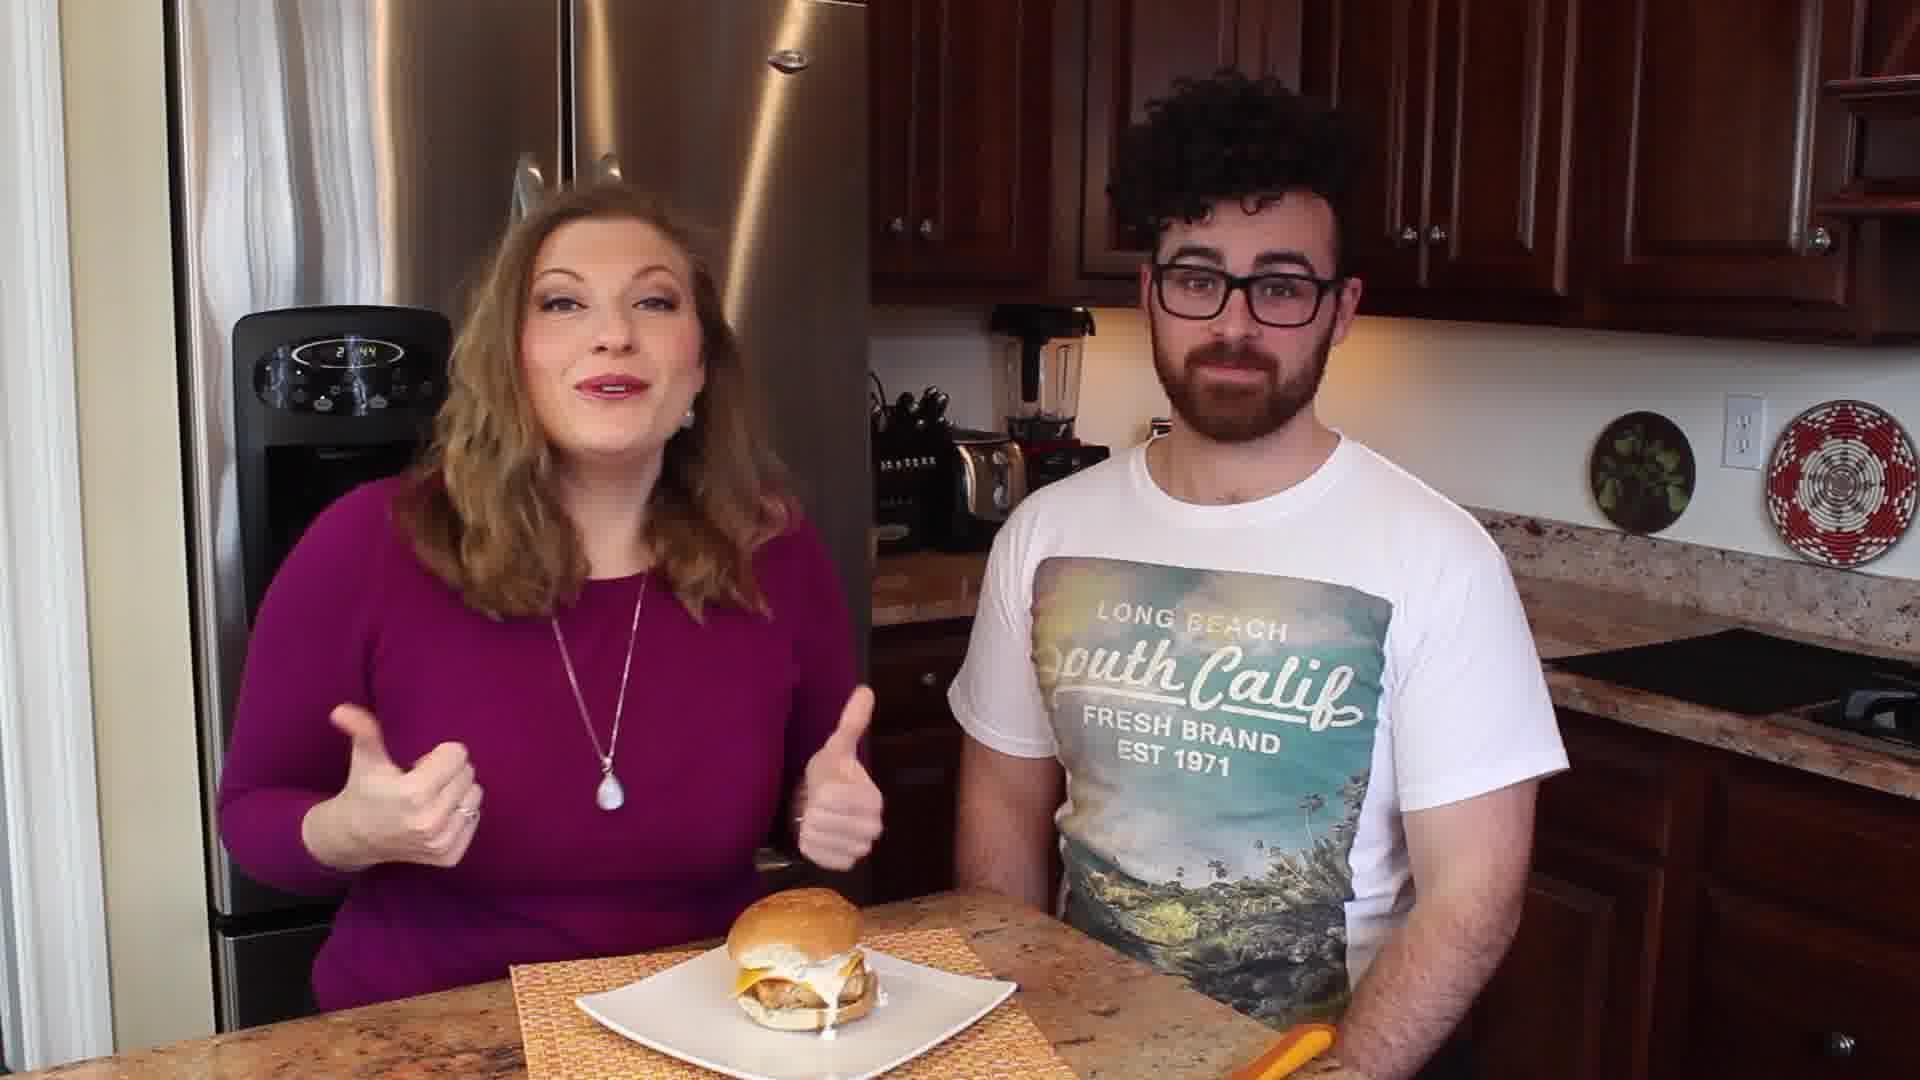 mcdonalds recipes